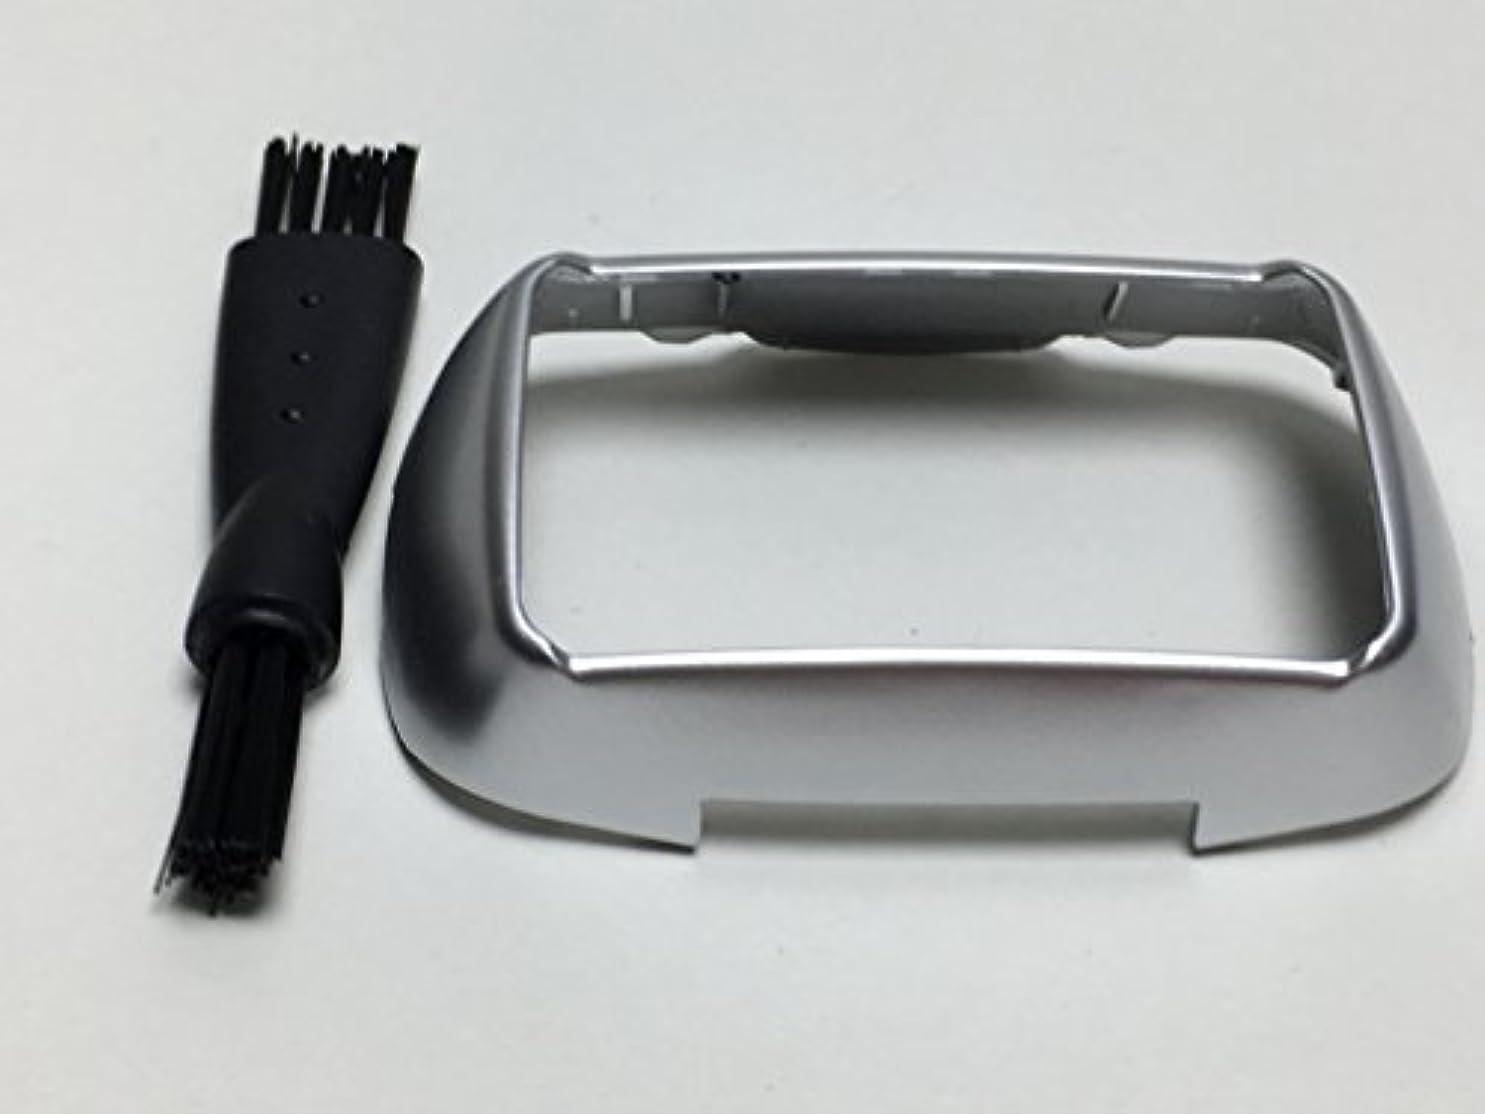 良心的会う習慣シェービングカミソリヘッドフレームホルダーカバー For Panasonic Arc5 ES-ELV9 ES-LV94 ES-LV96 ES-LV96-S ES-CLV96 ES-LV95 ES-LV95-S ES-LV9A-S...